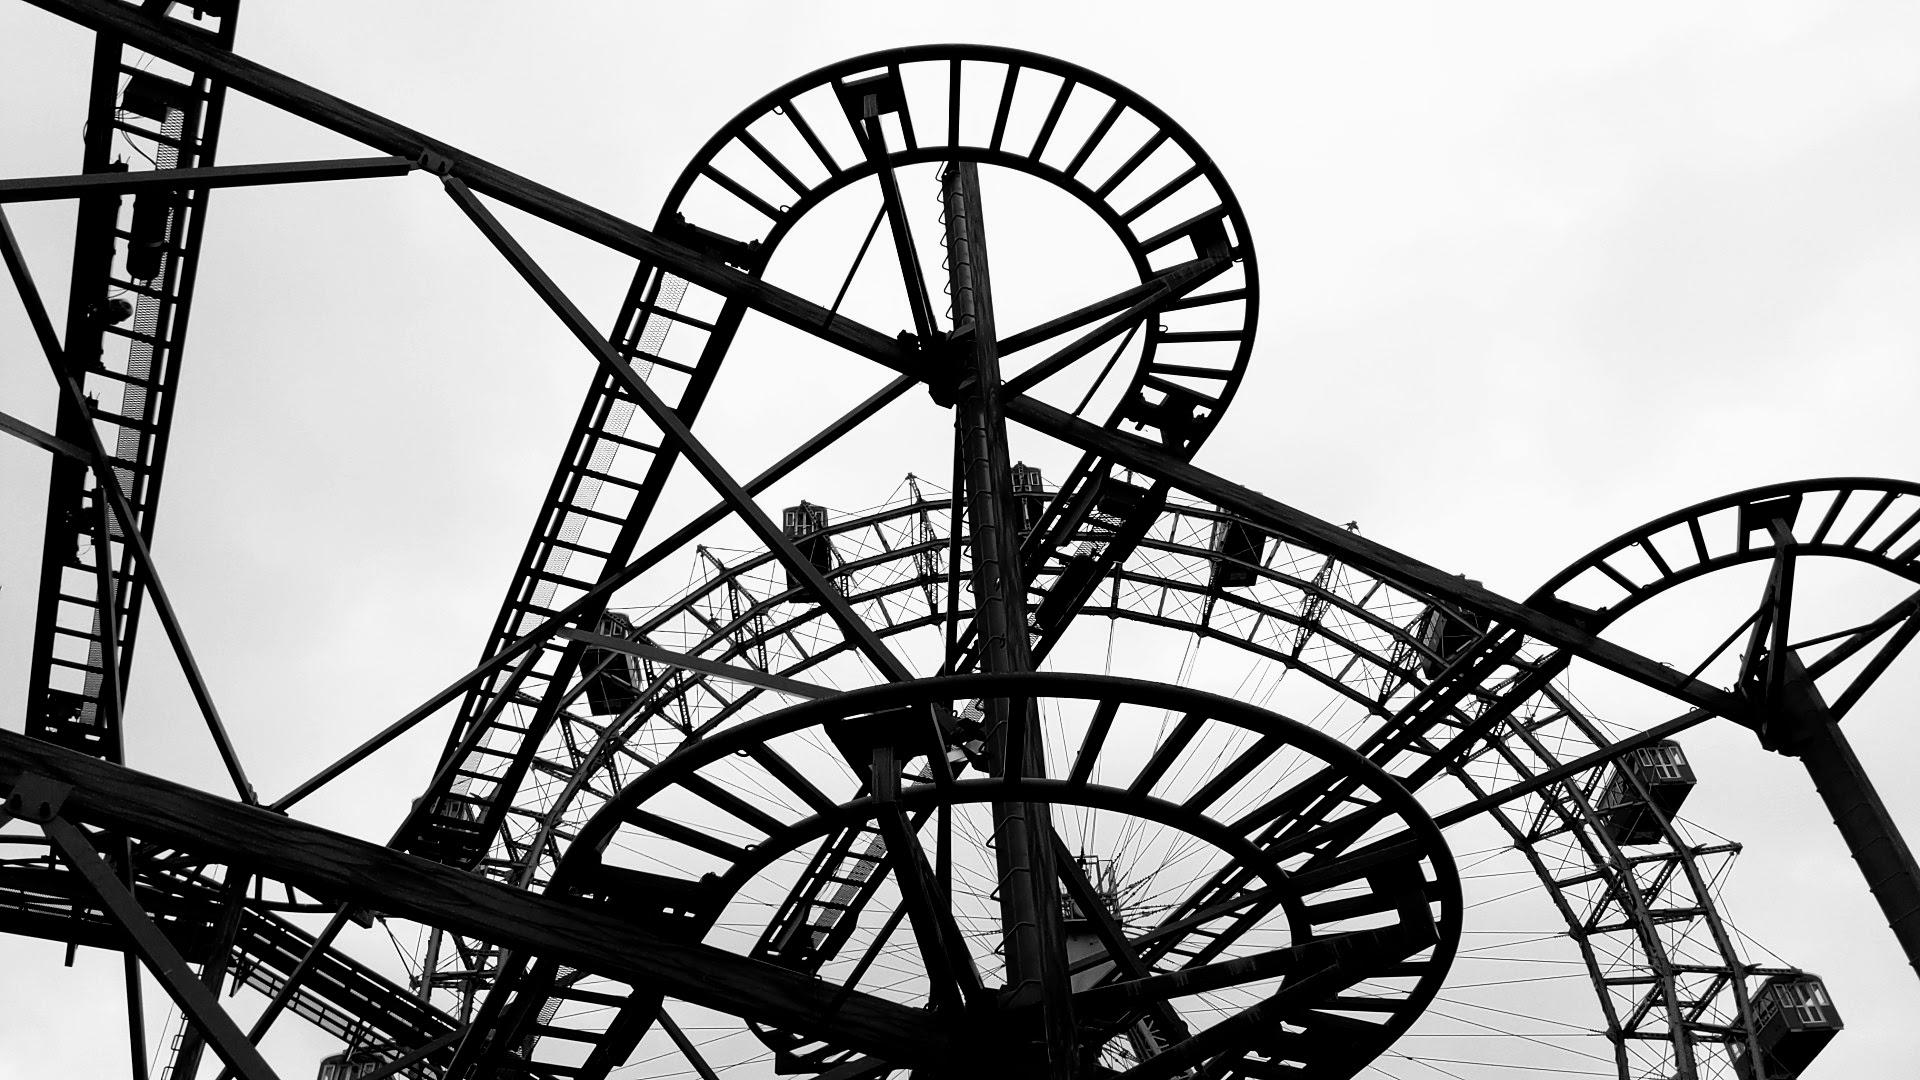 Blick auf das Wiener Riesenrad aus dem Wurschtelprater heraus